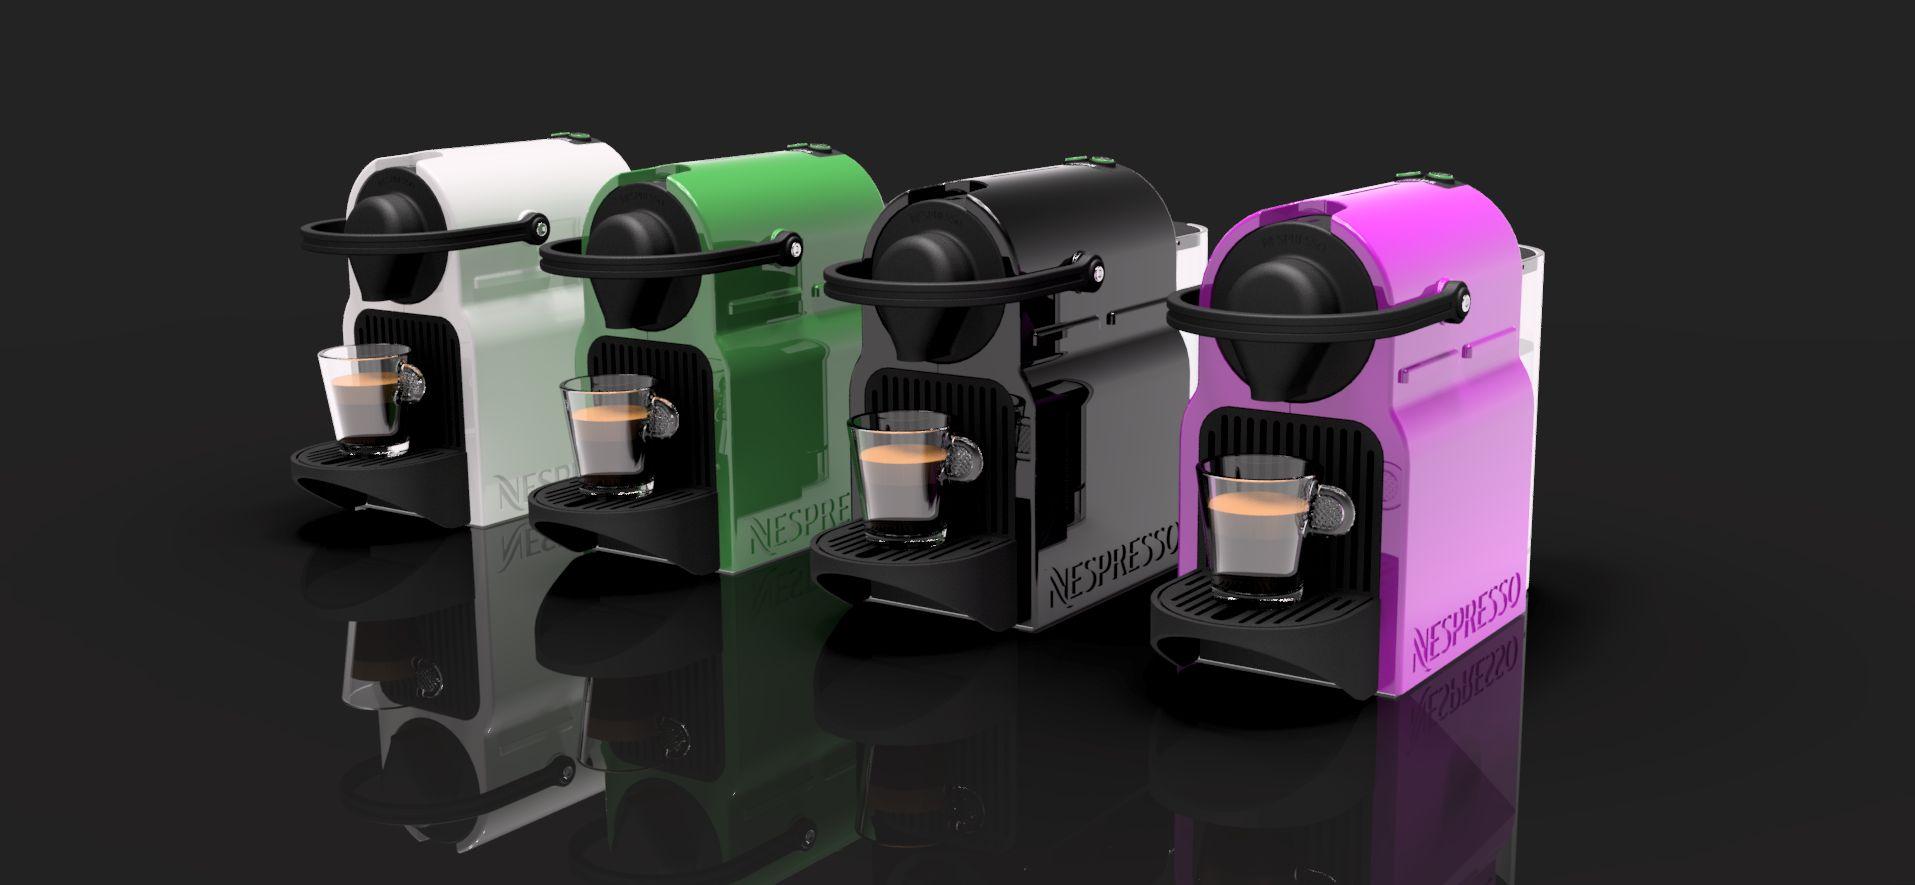 Nespresso-inissia-v20-1-3500-3500